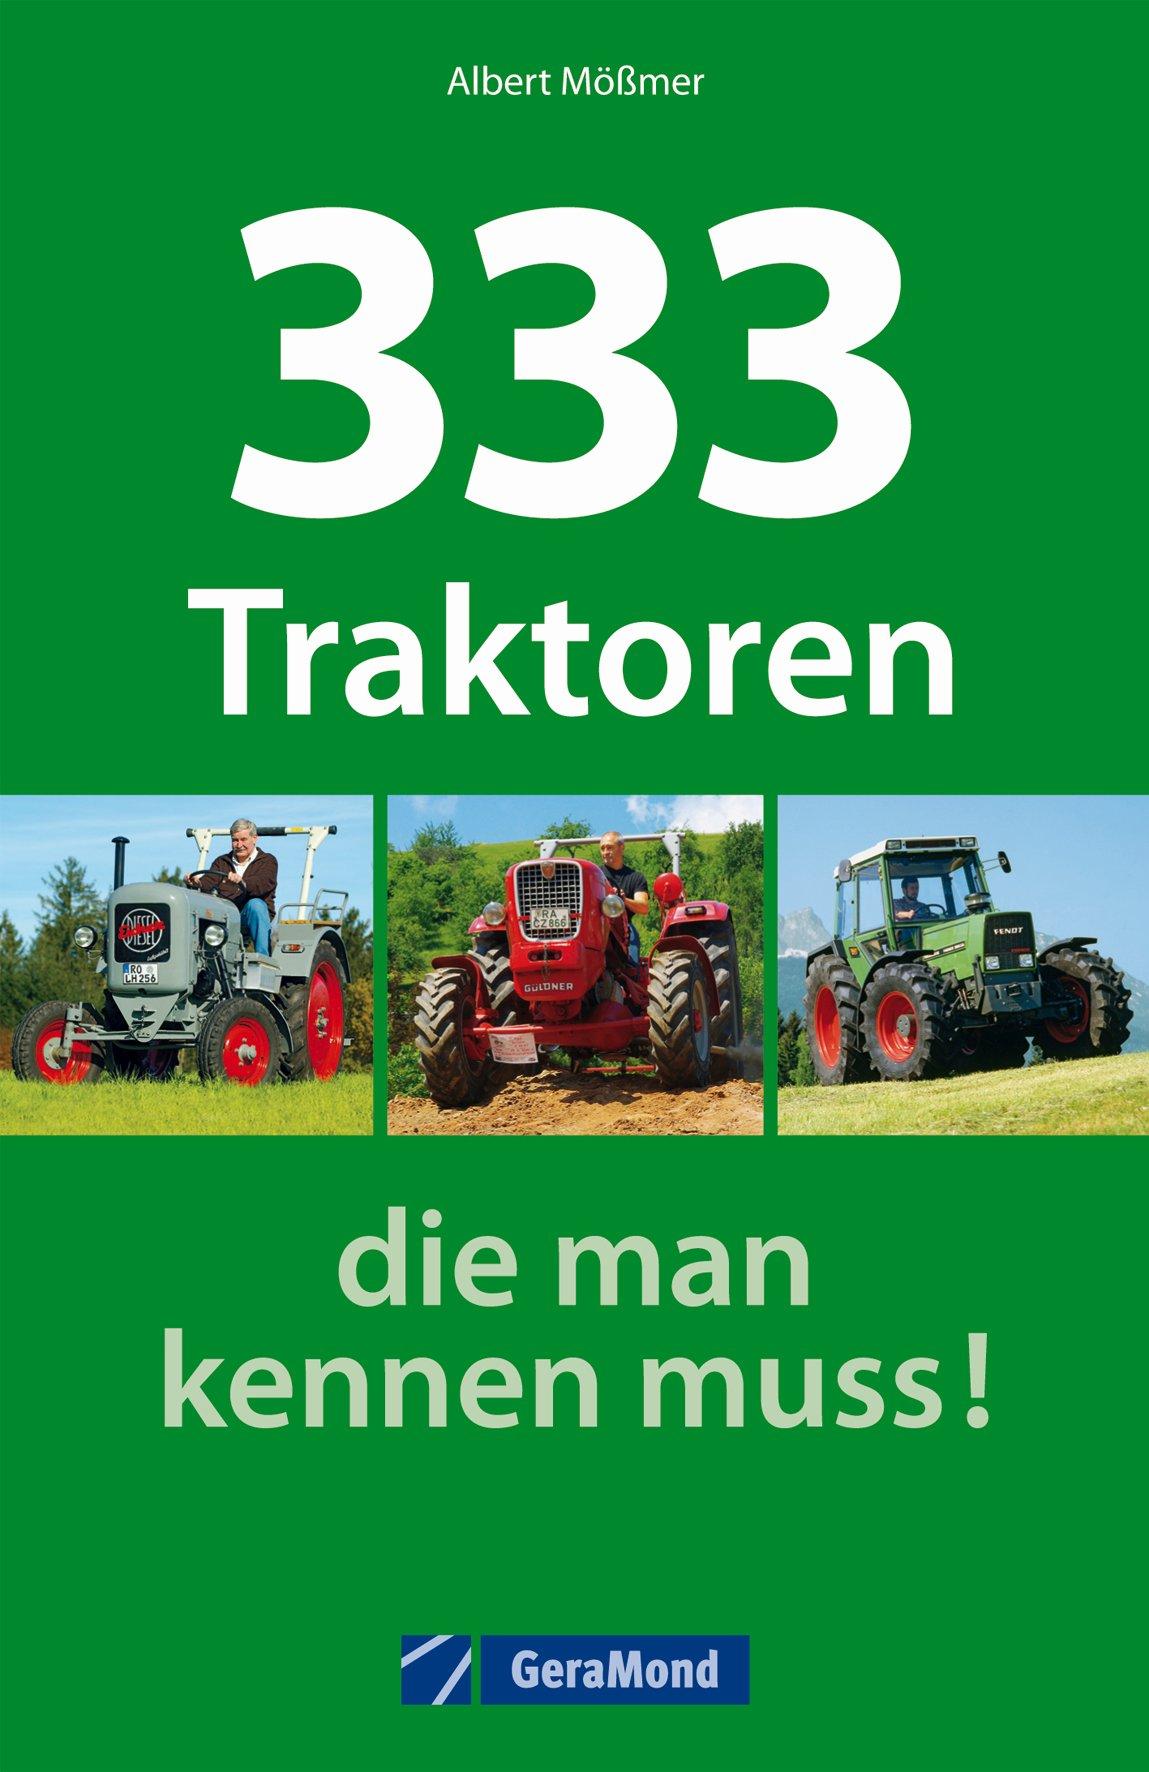 Boek: 333 Traktoren, die man kennen muss!